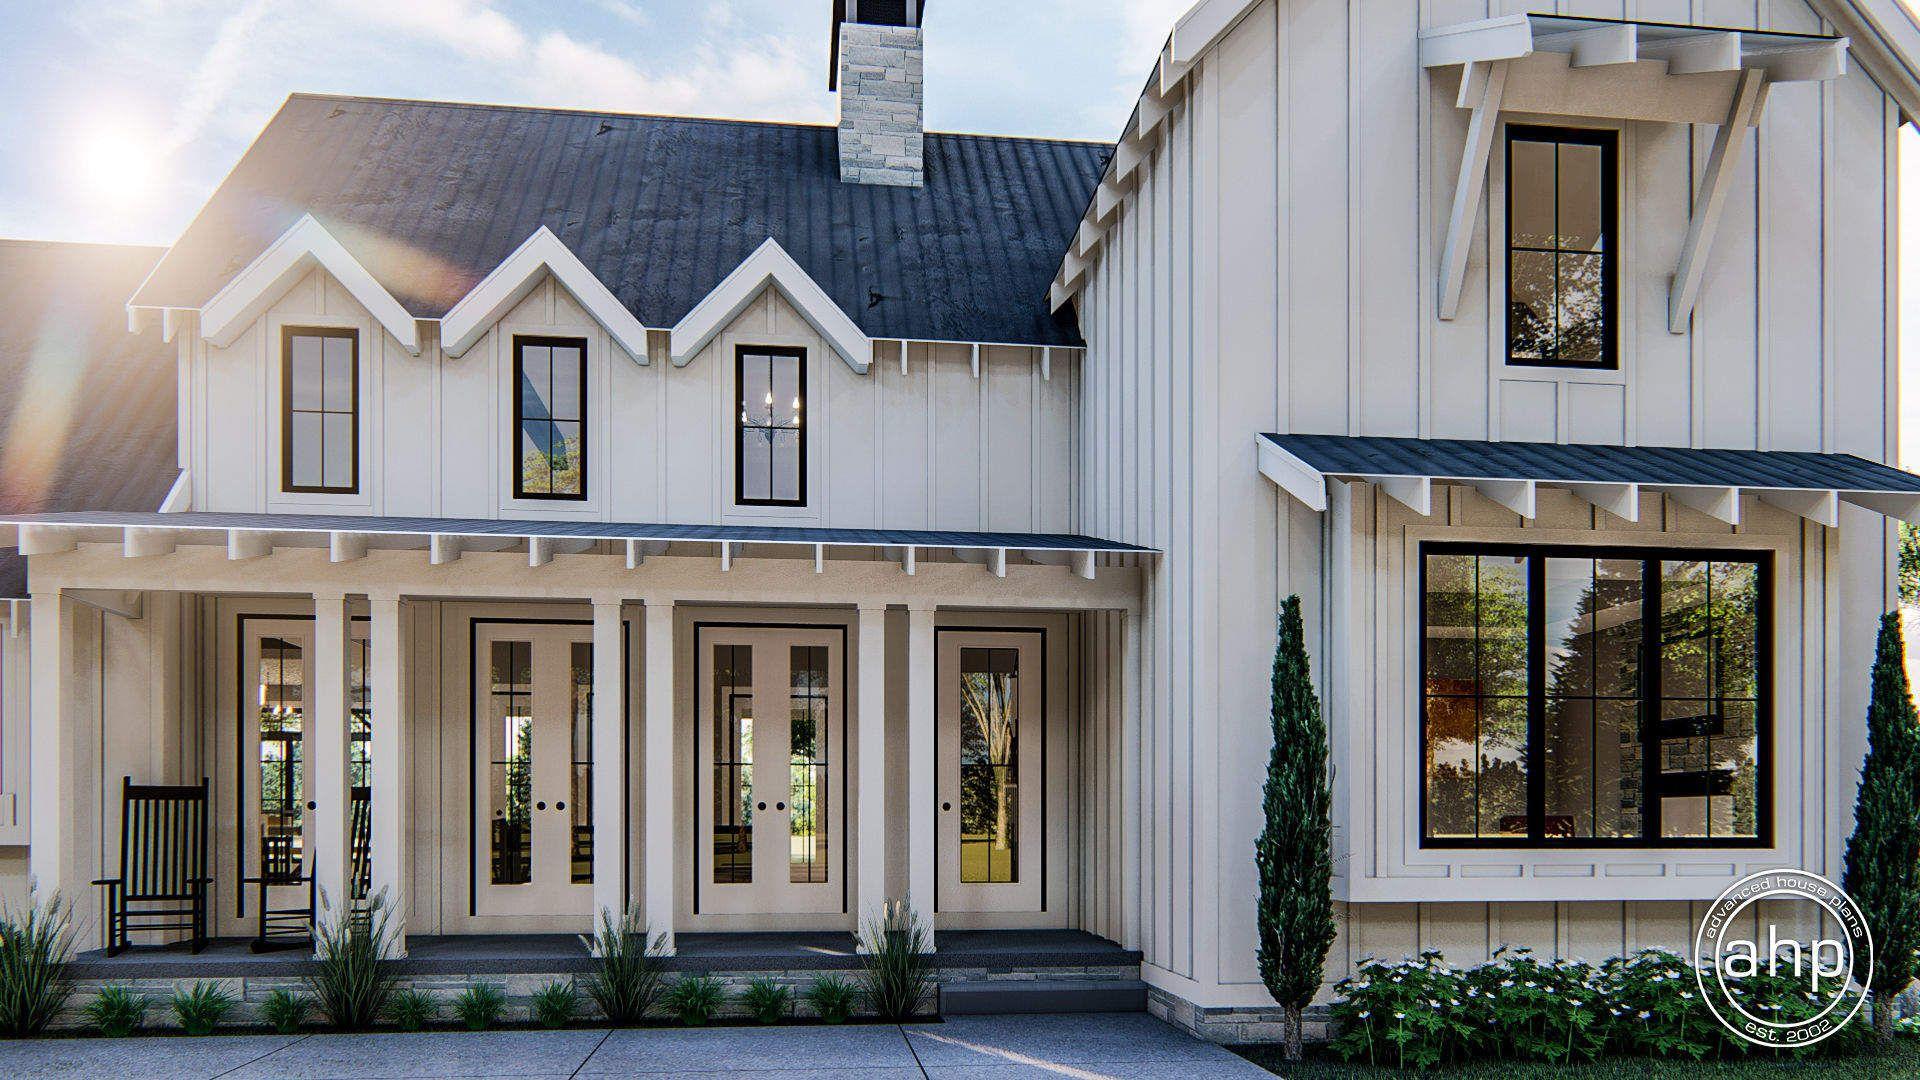 1 1/2 Story Modern Farmhouse House Plan Summerfield in